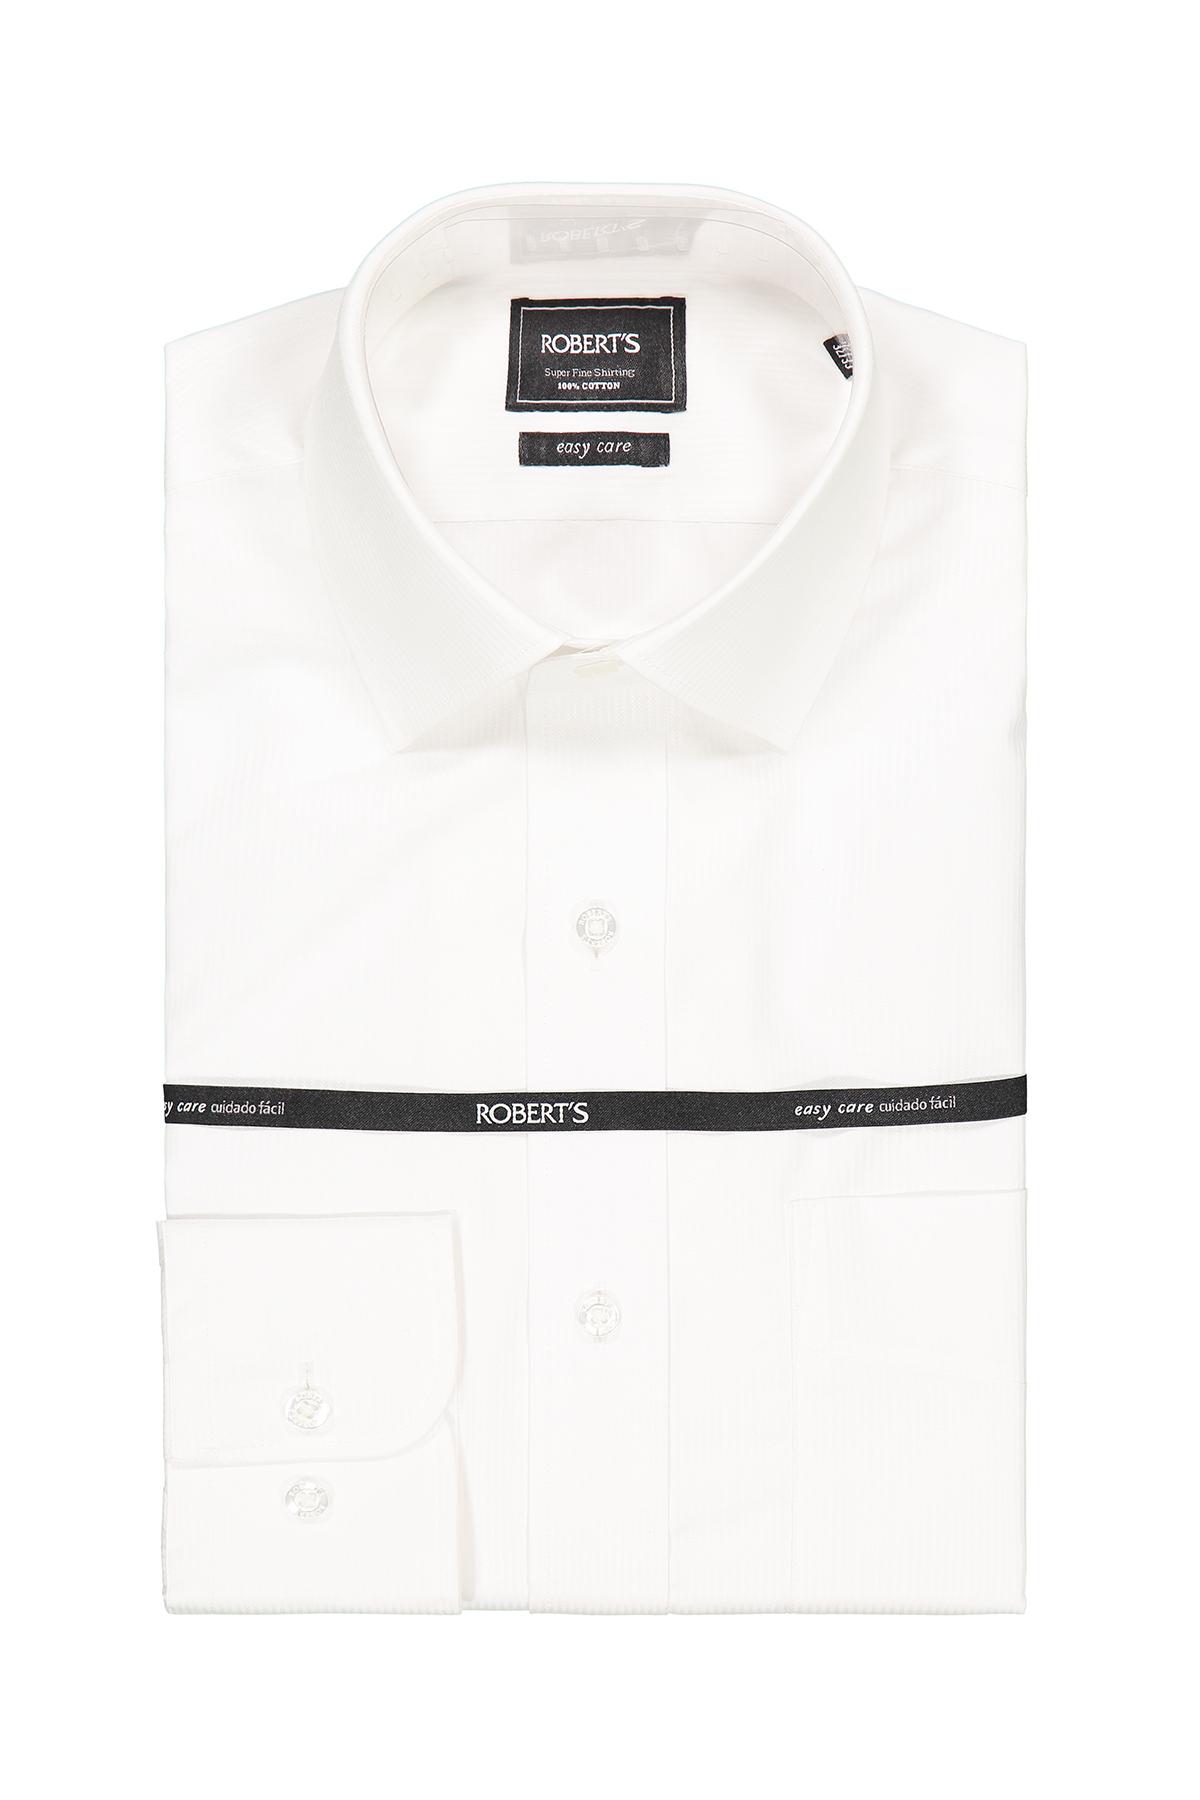 """Camisa Robert´s, slim fit, Easy Care"""" jacquard blanca lisa."""